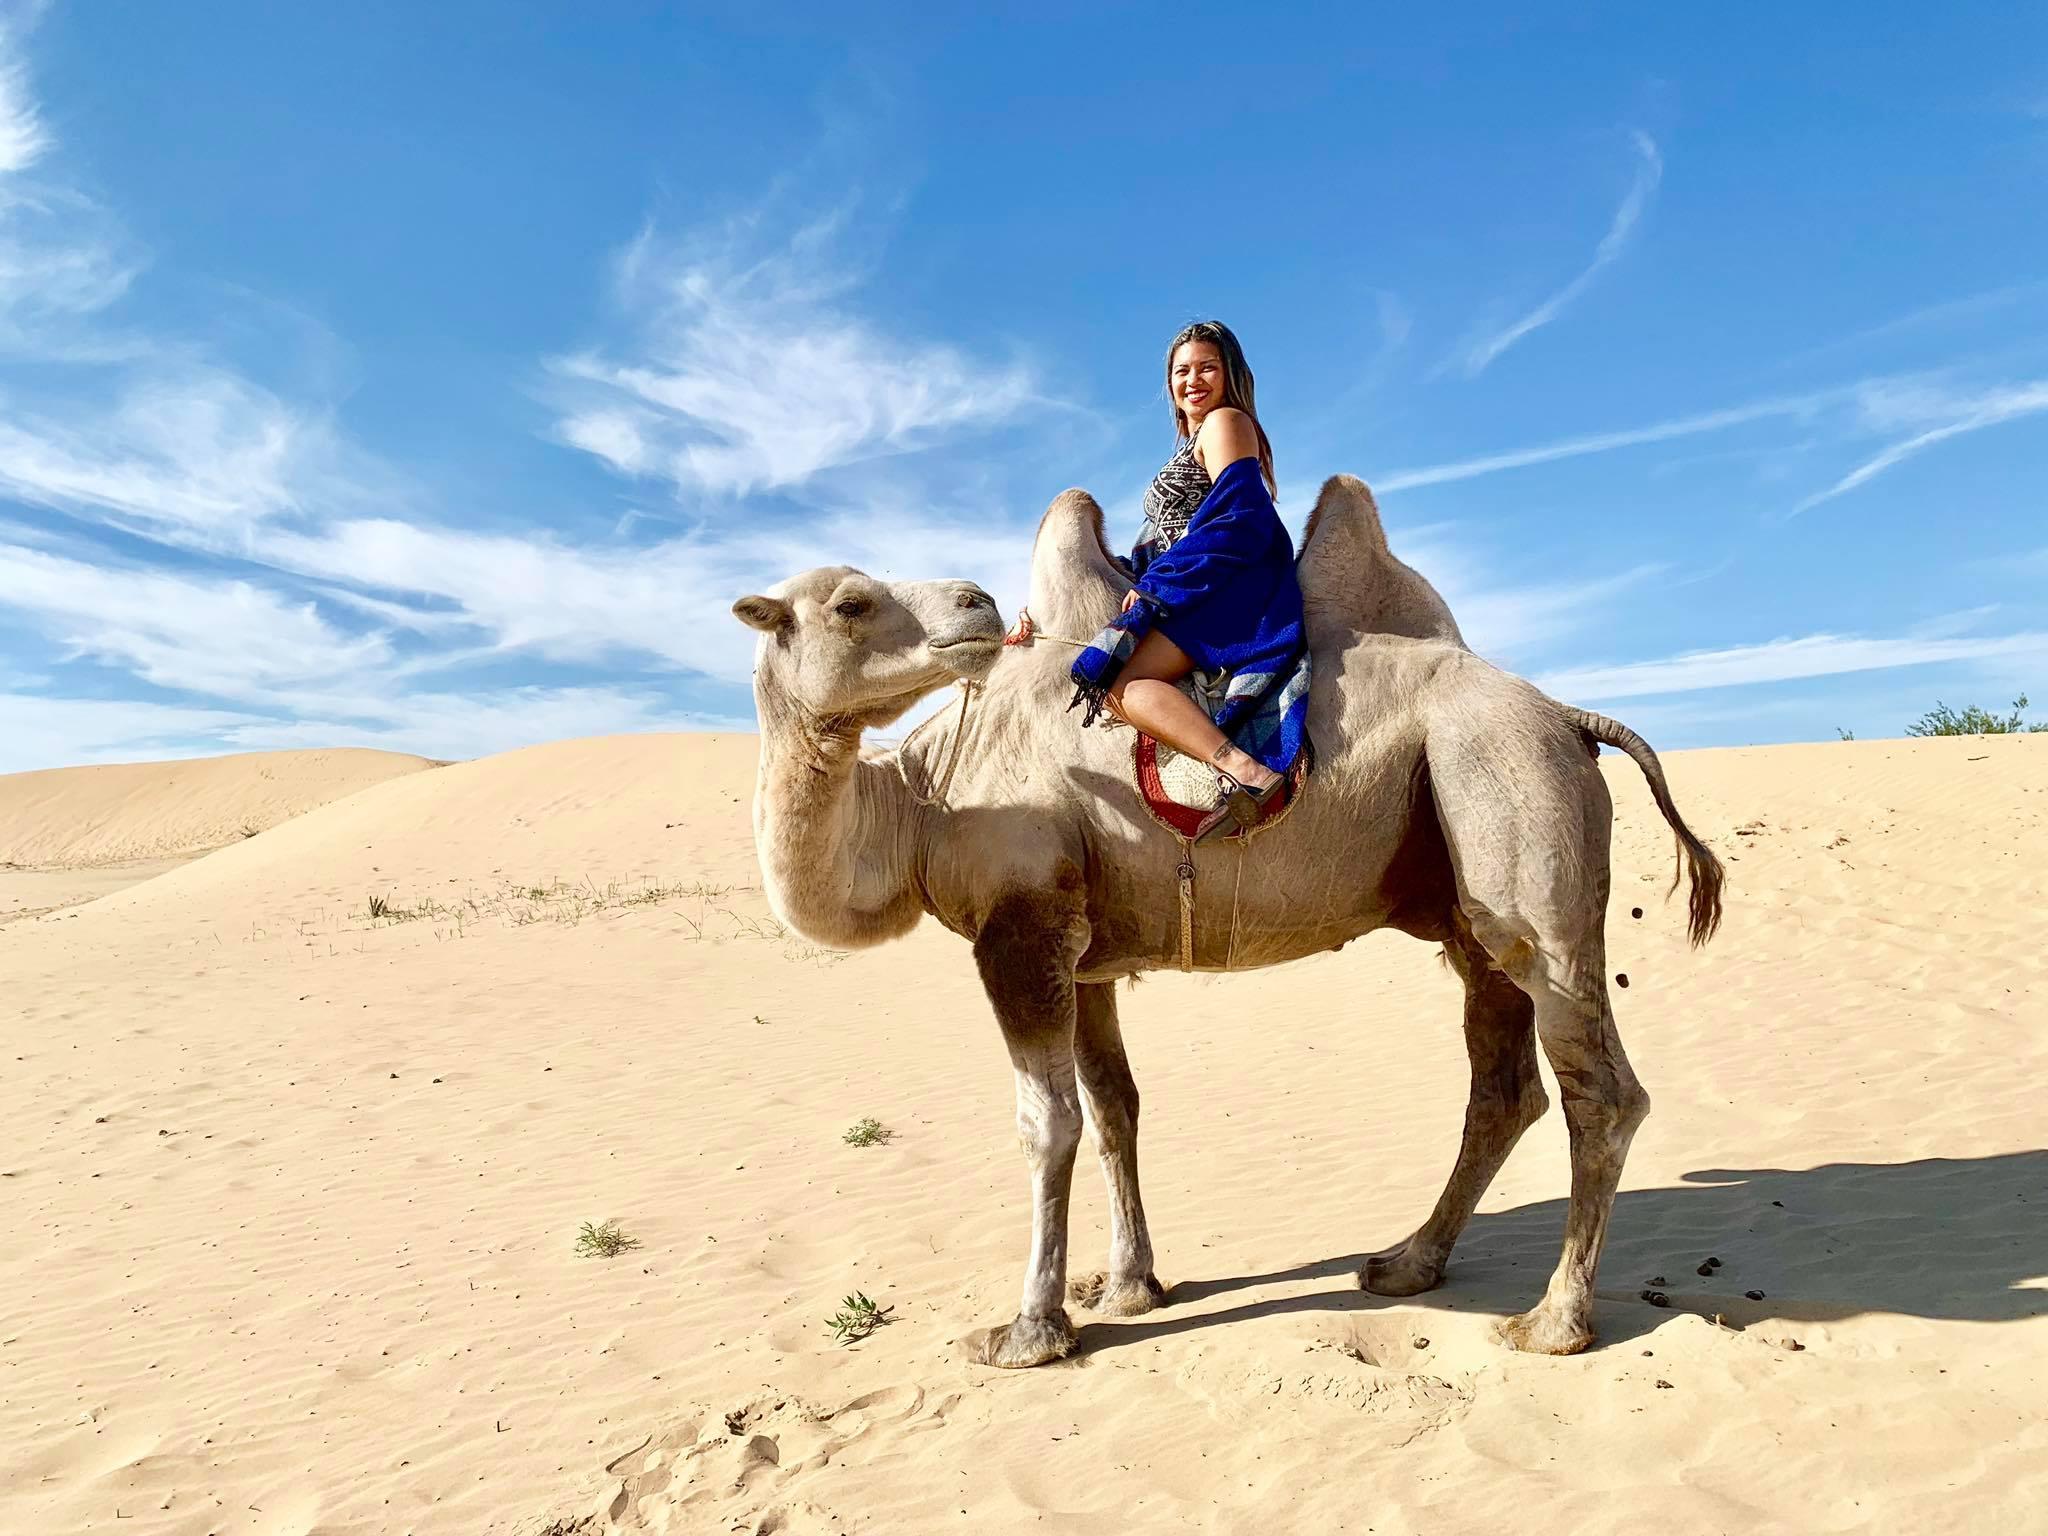 Kach Solo Travels in 2019 Nomadic family in Elsen Tasarkhai.jpg